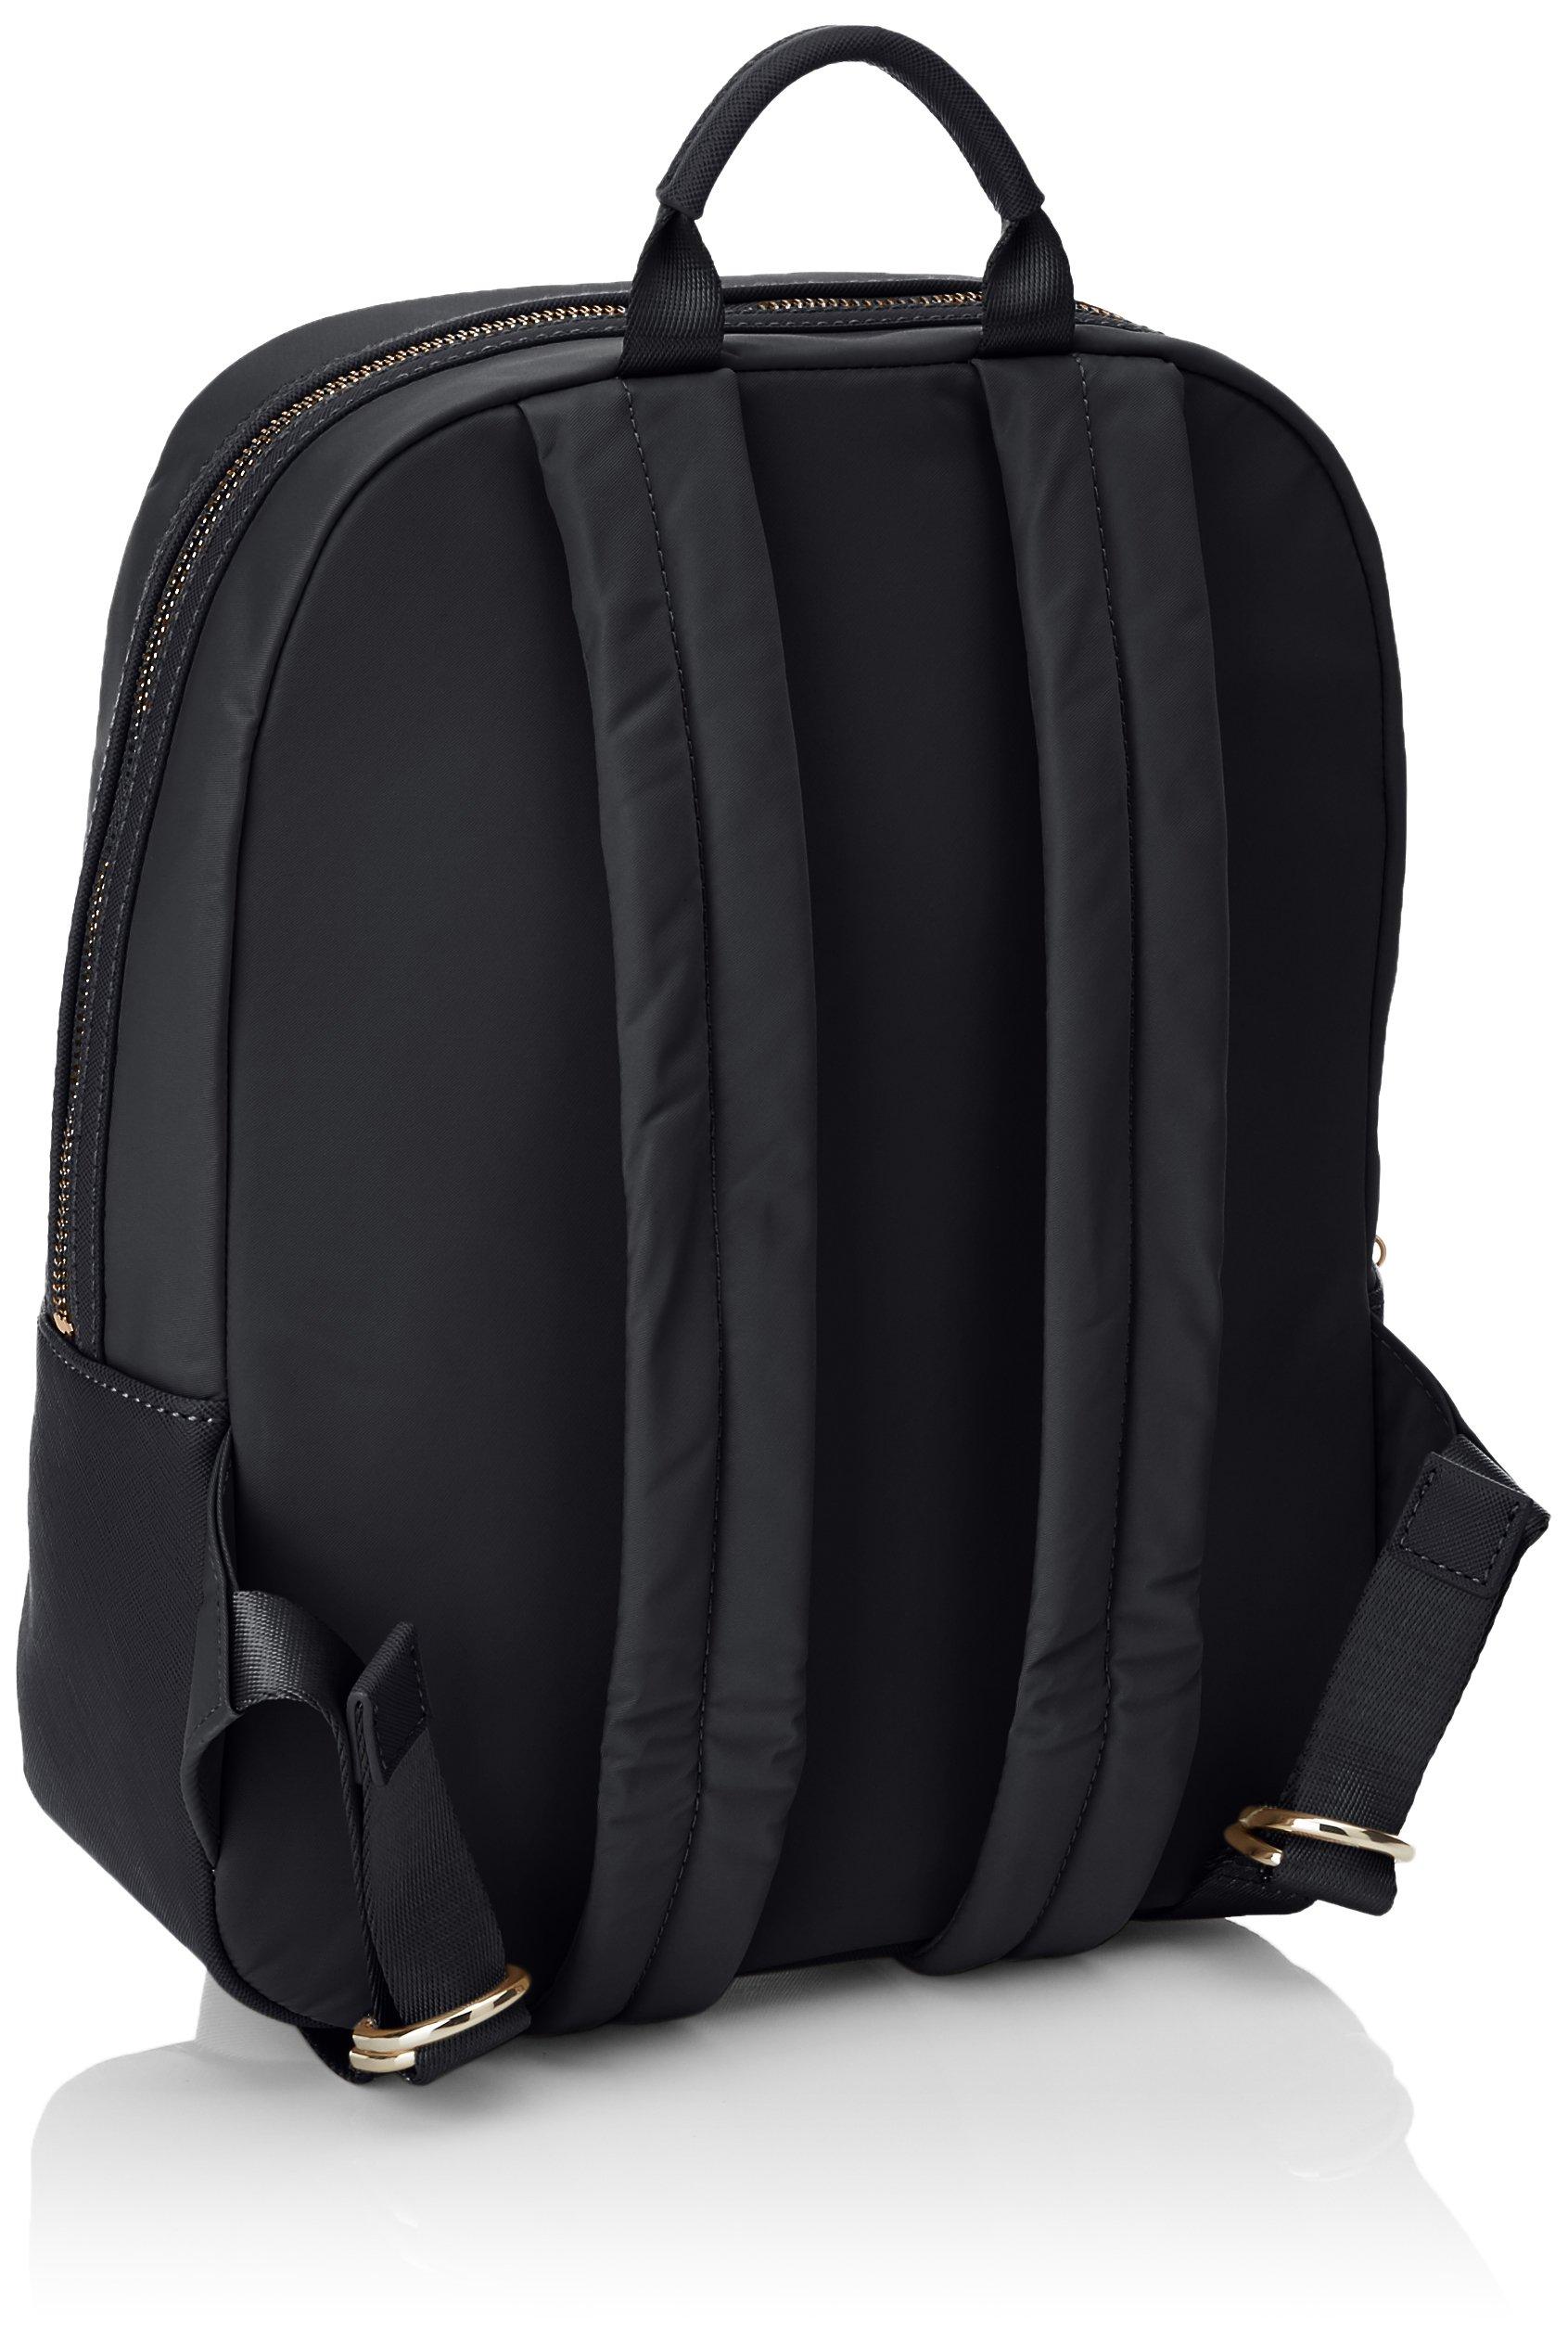 81xazF8R3oL - Tous 695810087, Bolso Mochila para Mujer, (Negro), 26x33x9.5 cm (W x H x L)